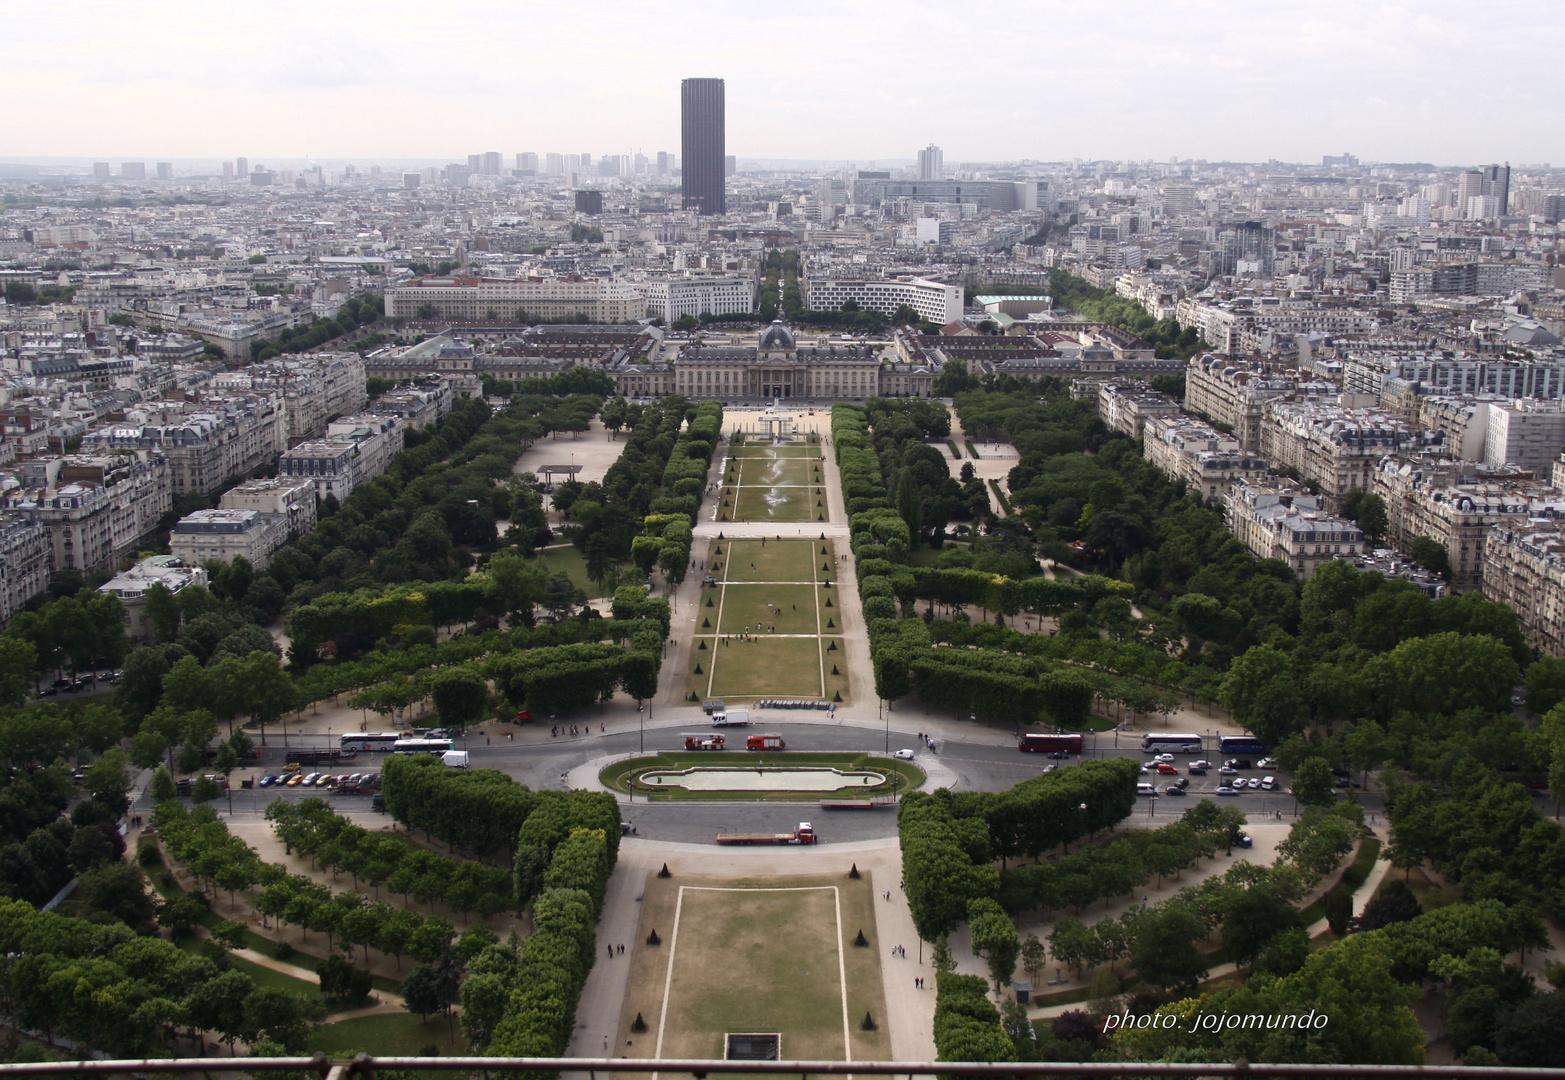 souvenirs, souvenirs! Paris la belle!